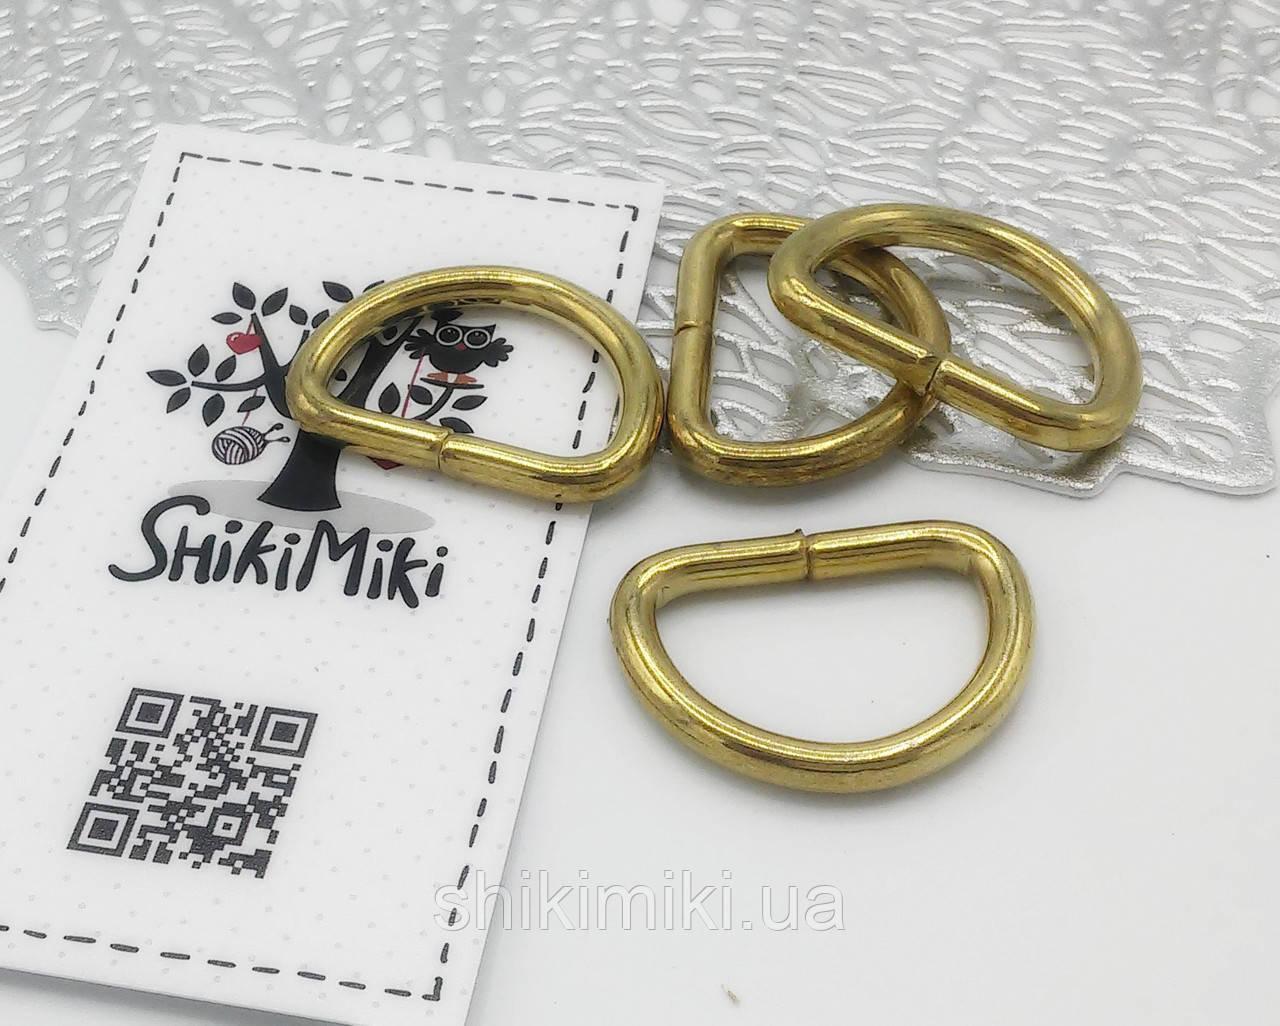 Полукольцо для сумки PK03-3 (25 мм), цвет золото